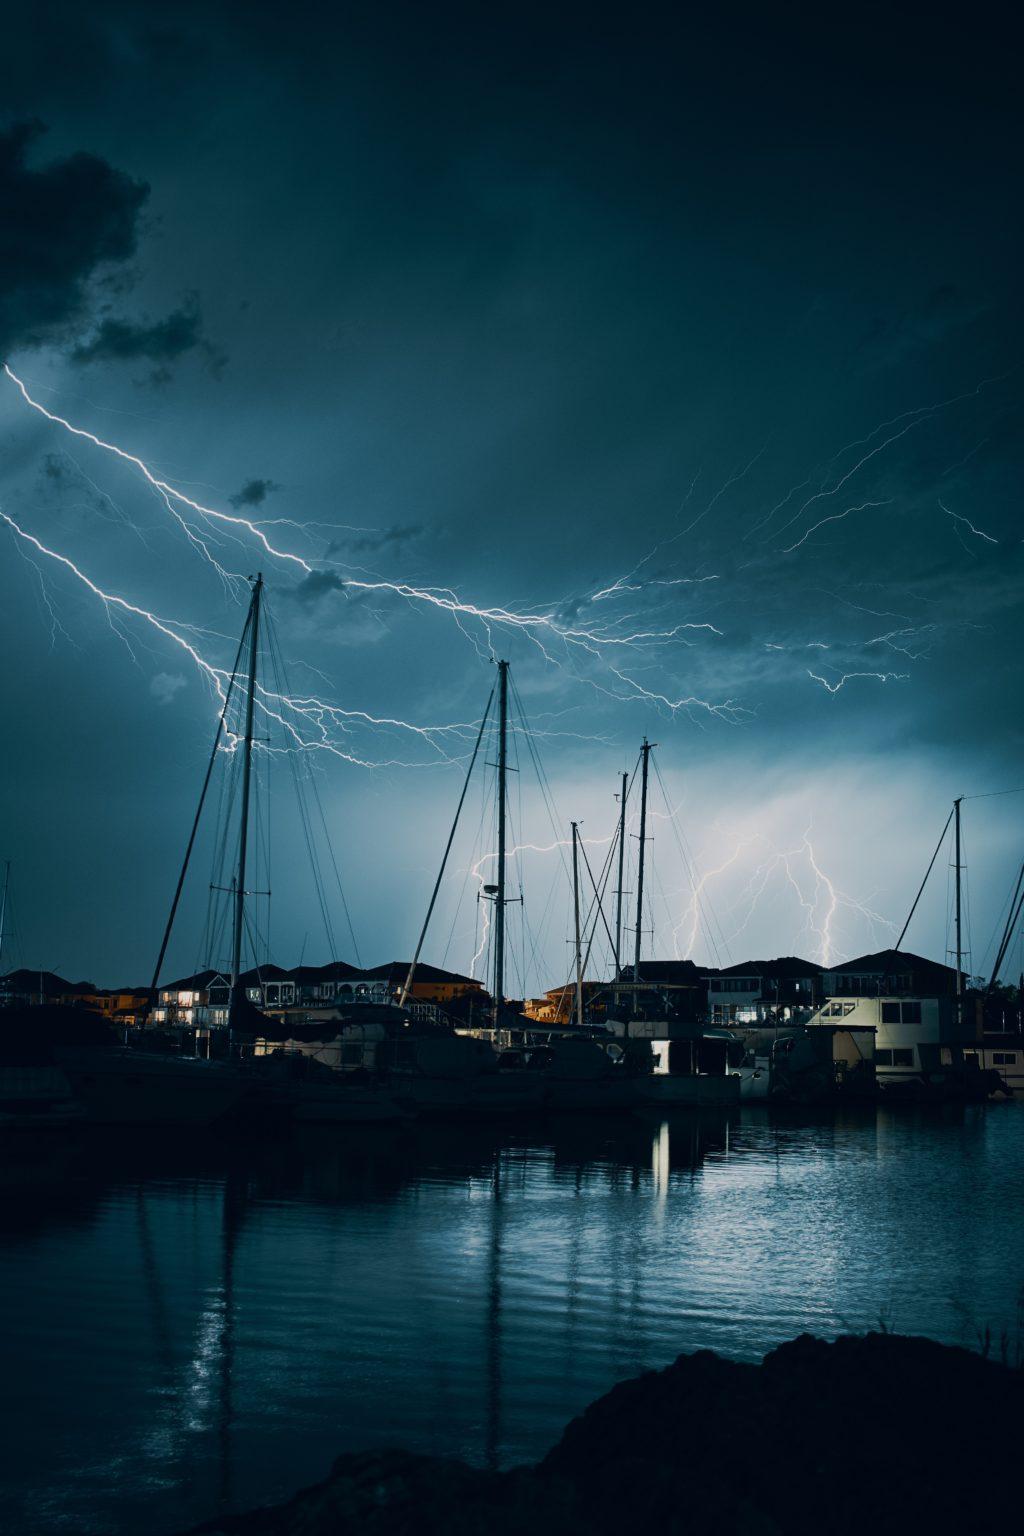 tips tormenta eléctrica